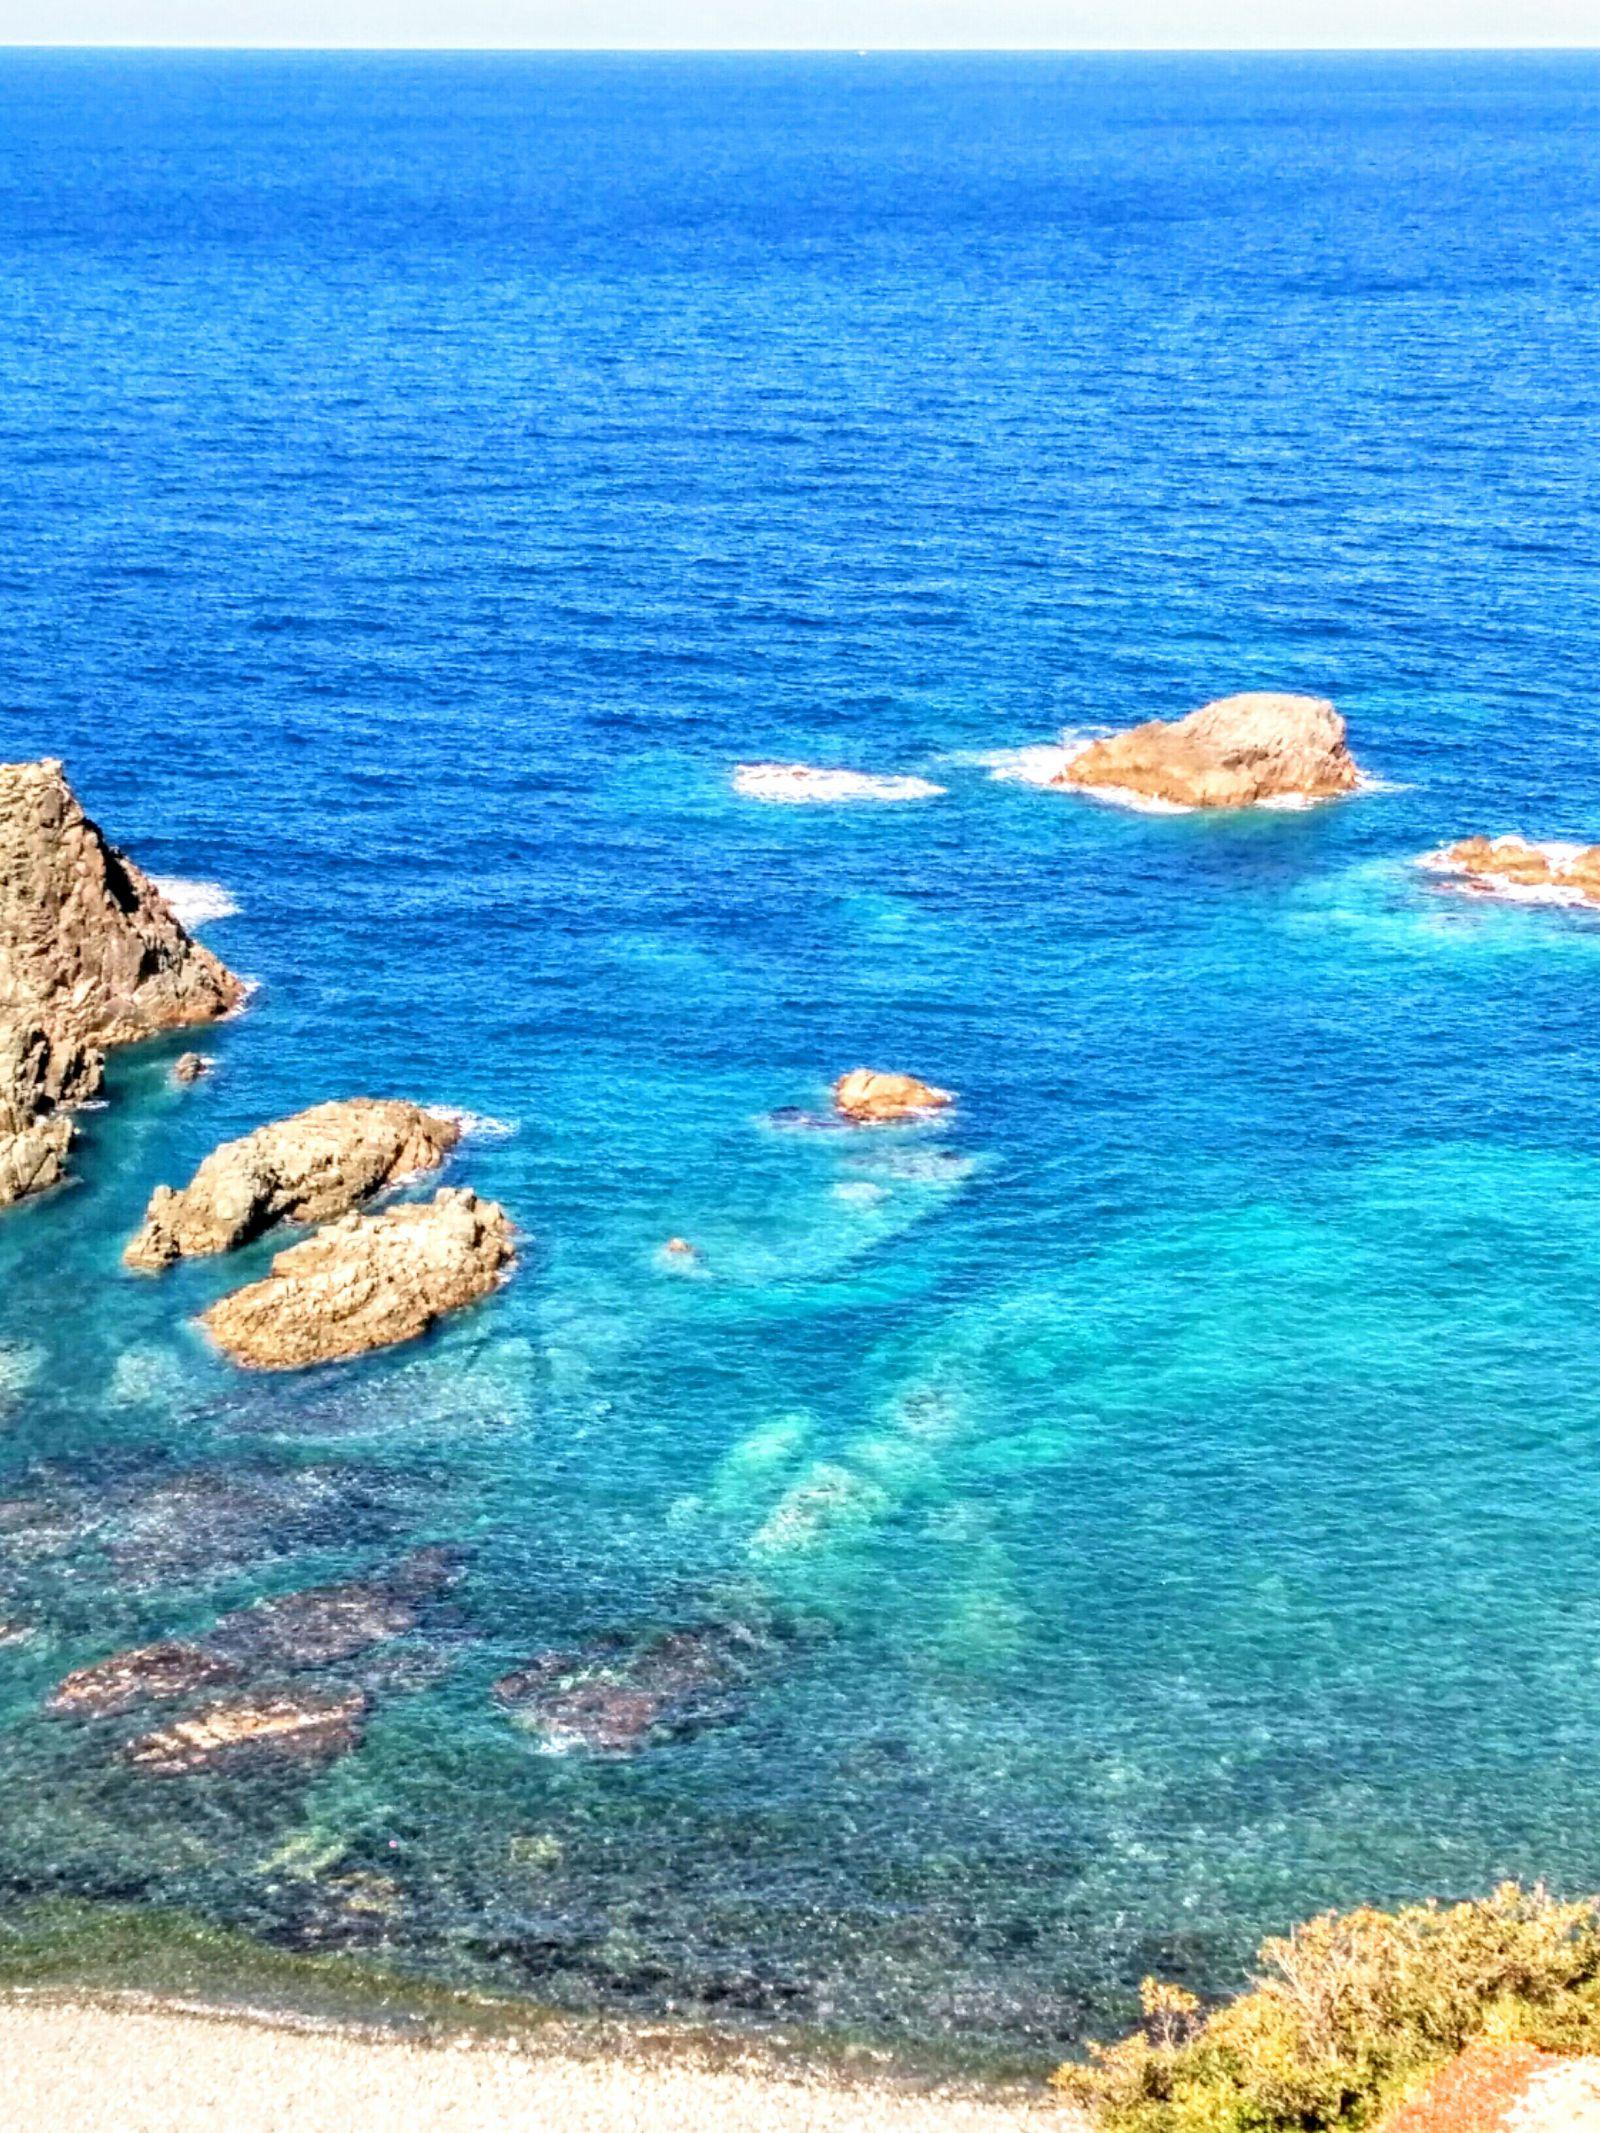 積丹半島積丹岬観光写真です。